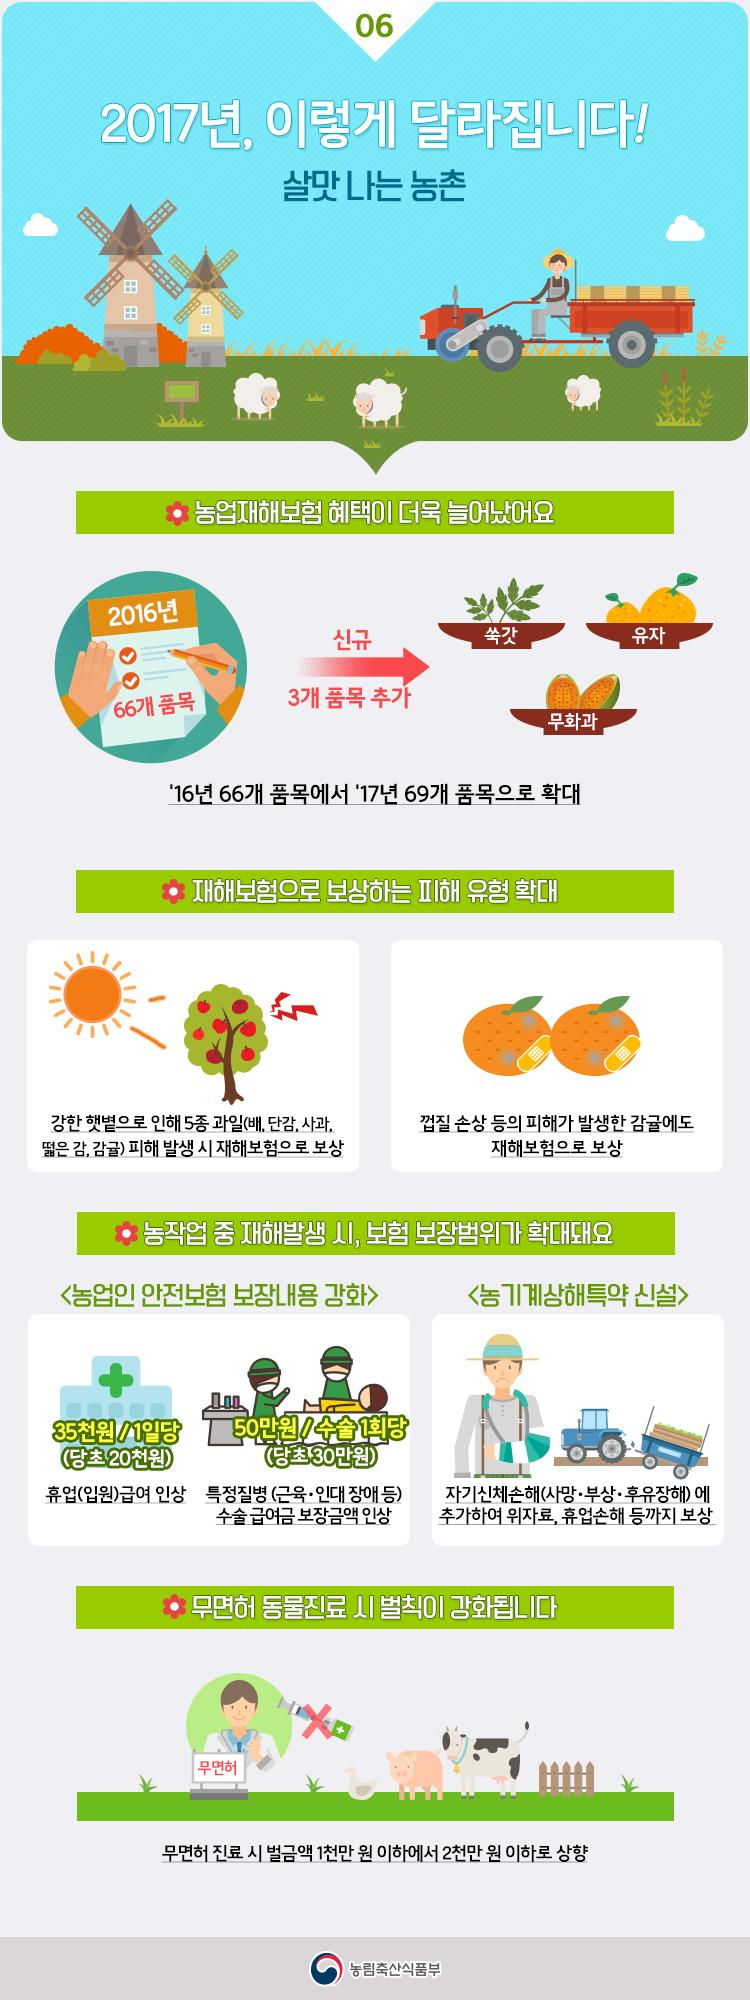 [농림축산식품부] 2017년 달라지는 제도 이미지 6